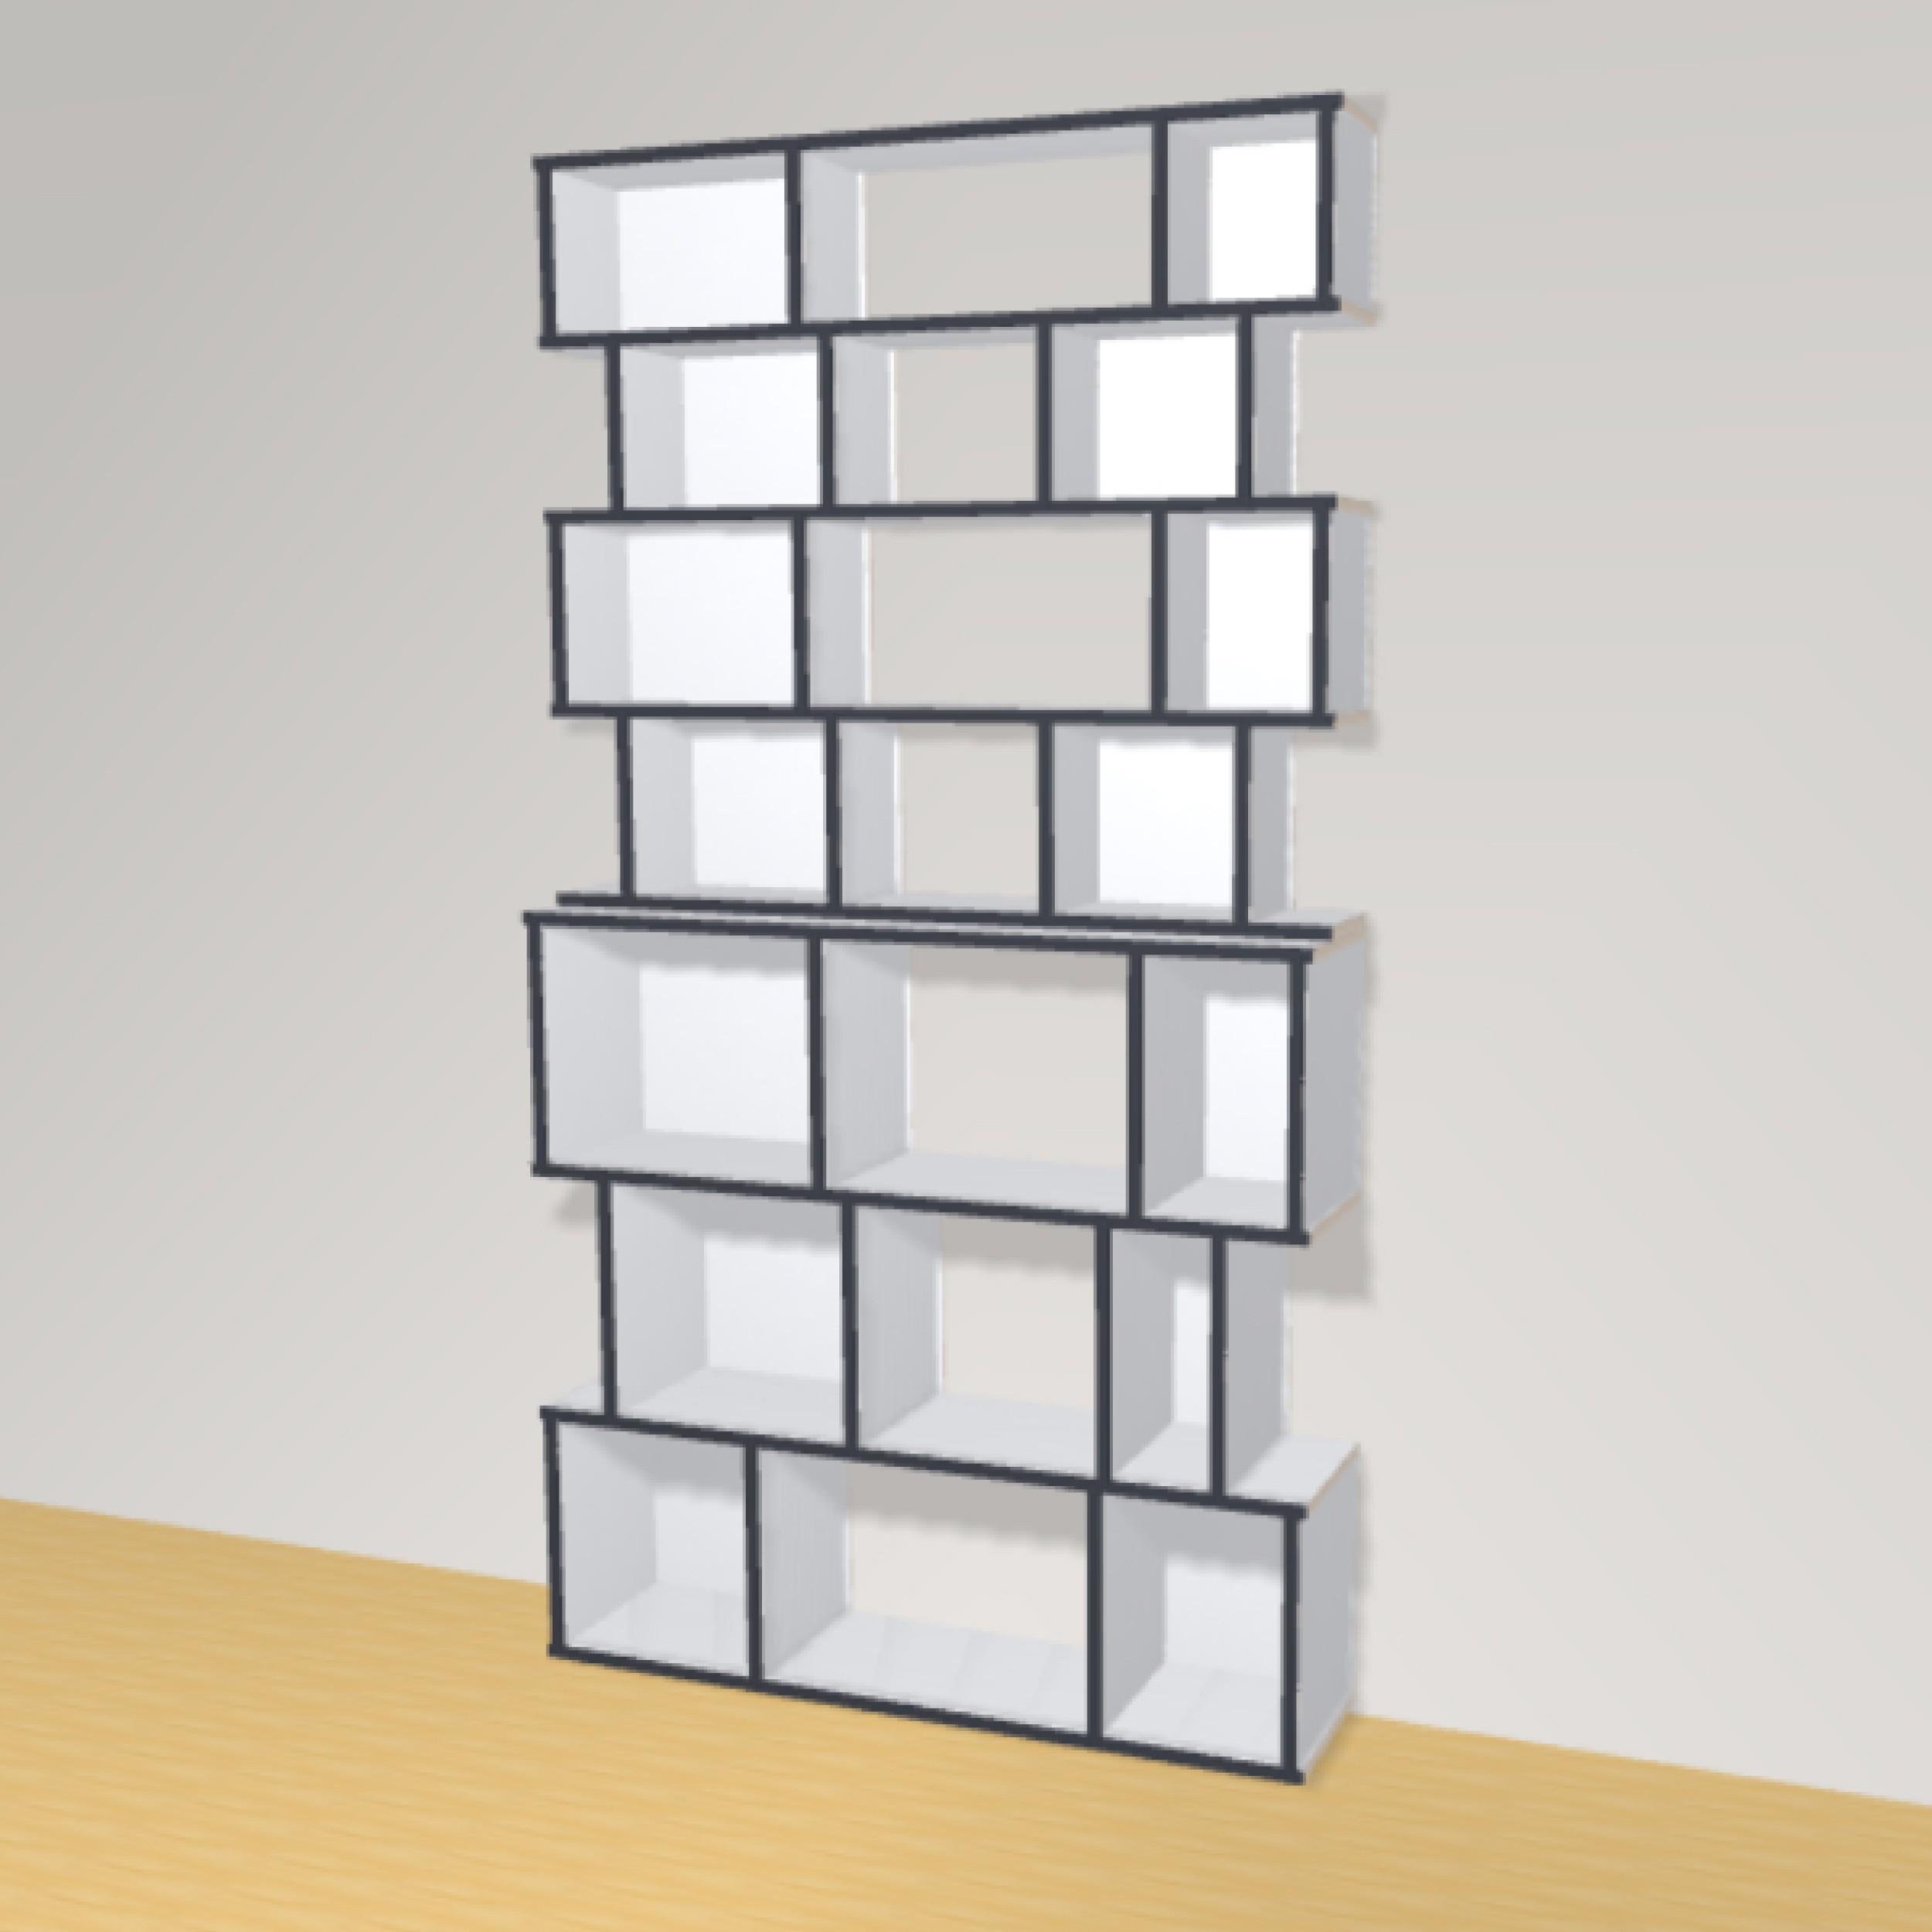 Bibliotheek h209cm b114 cm the perfect bookshelf - Op maat gemaakte bibliotheek ...